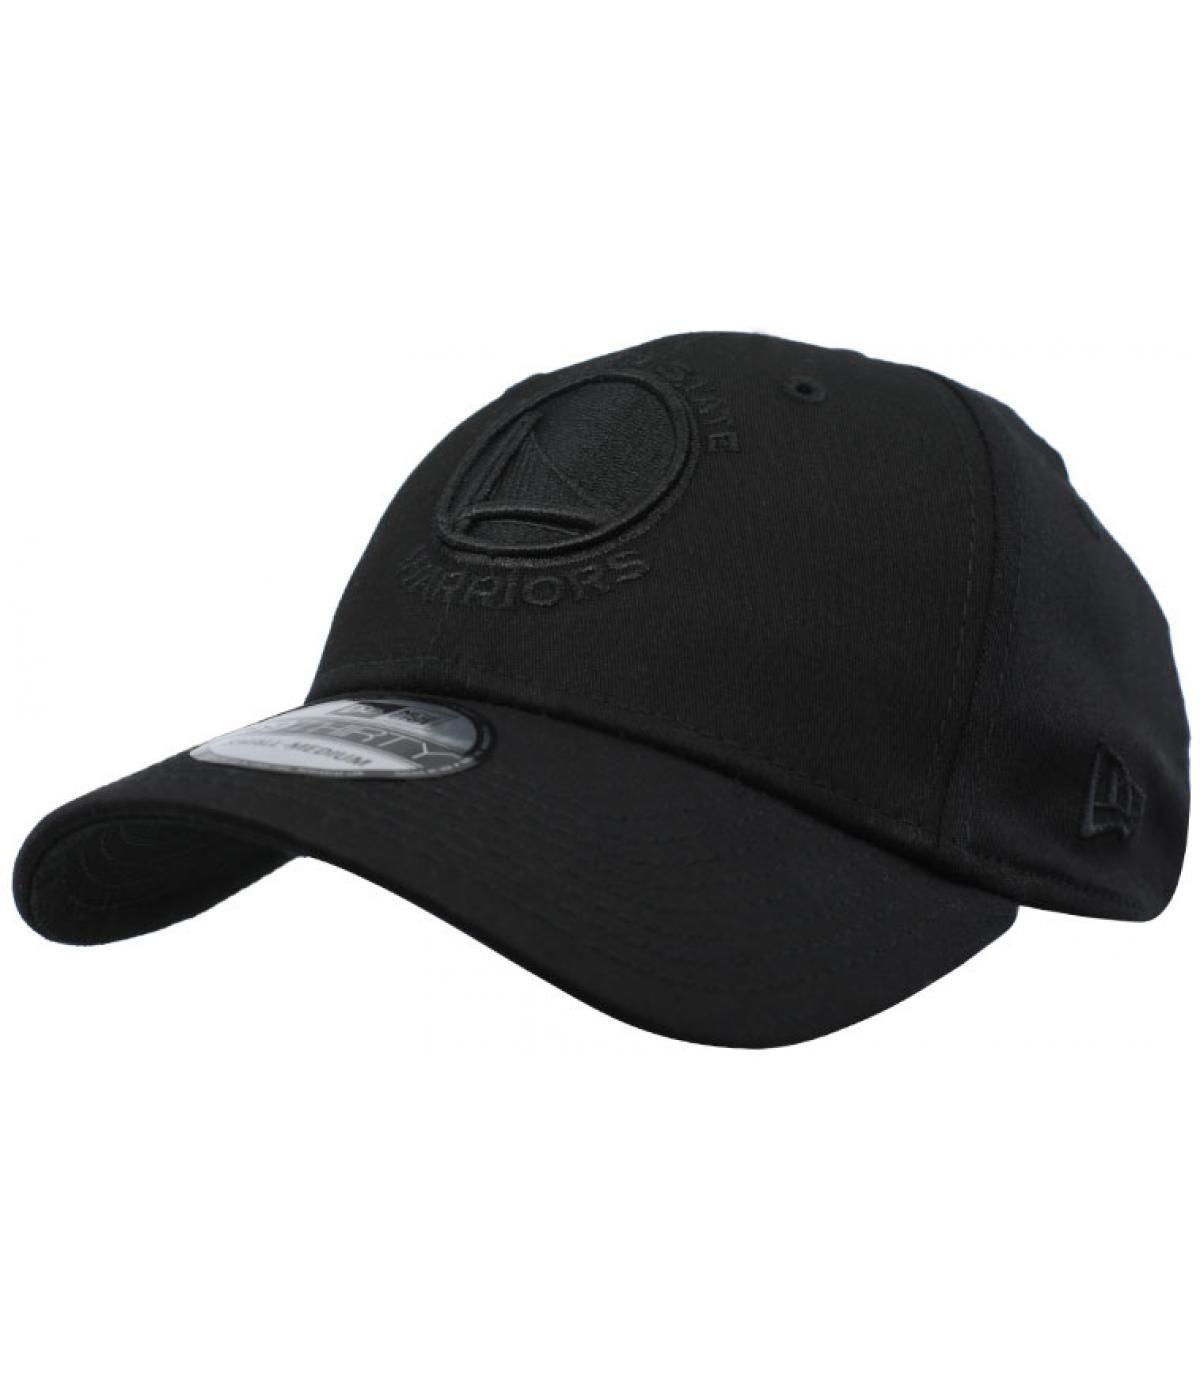 zwarte Warriors cap